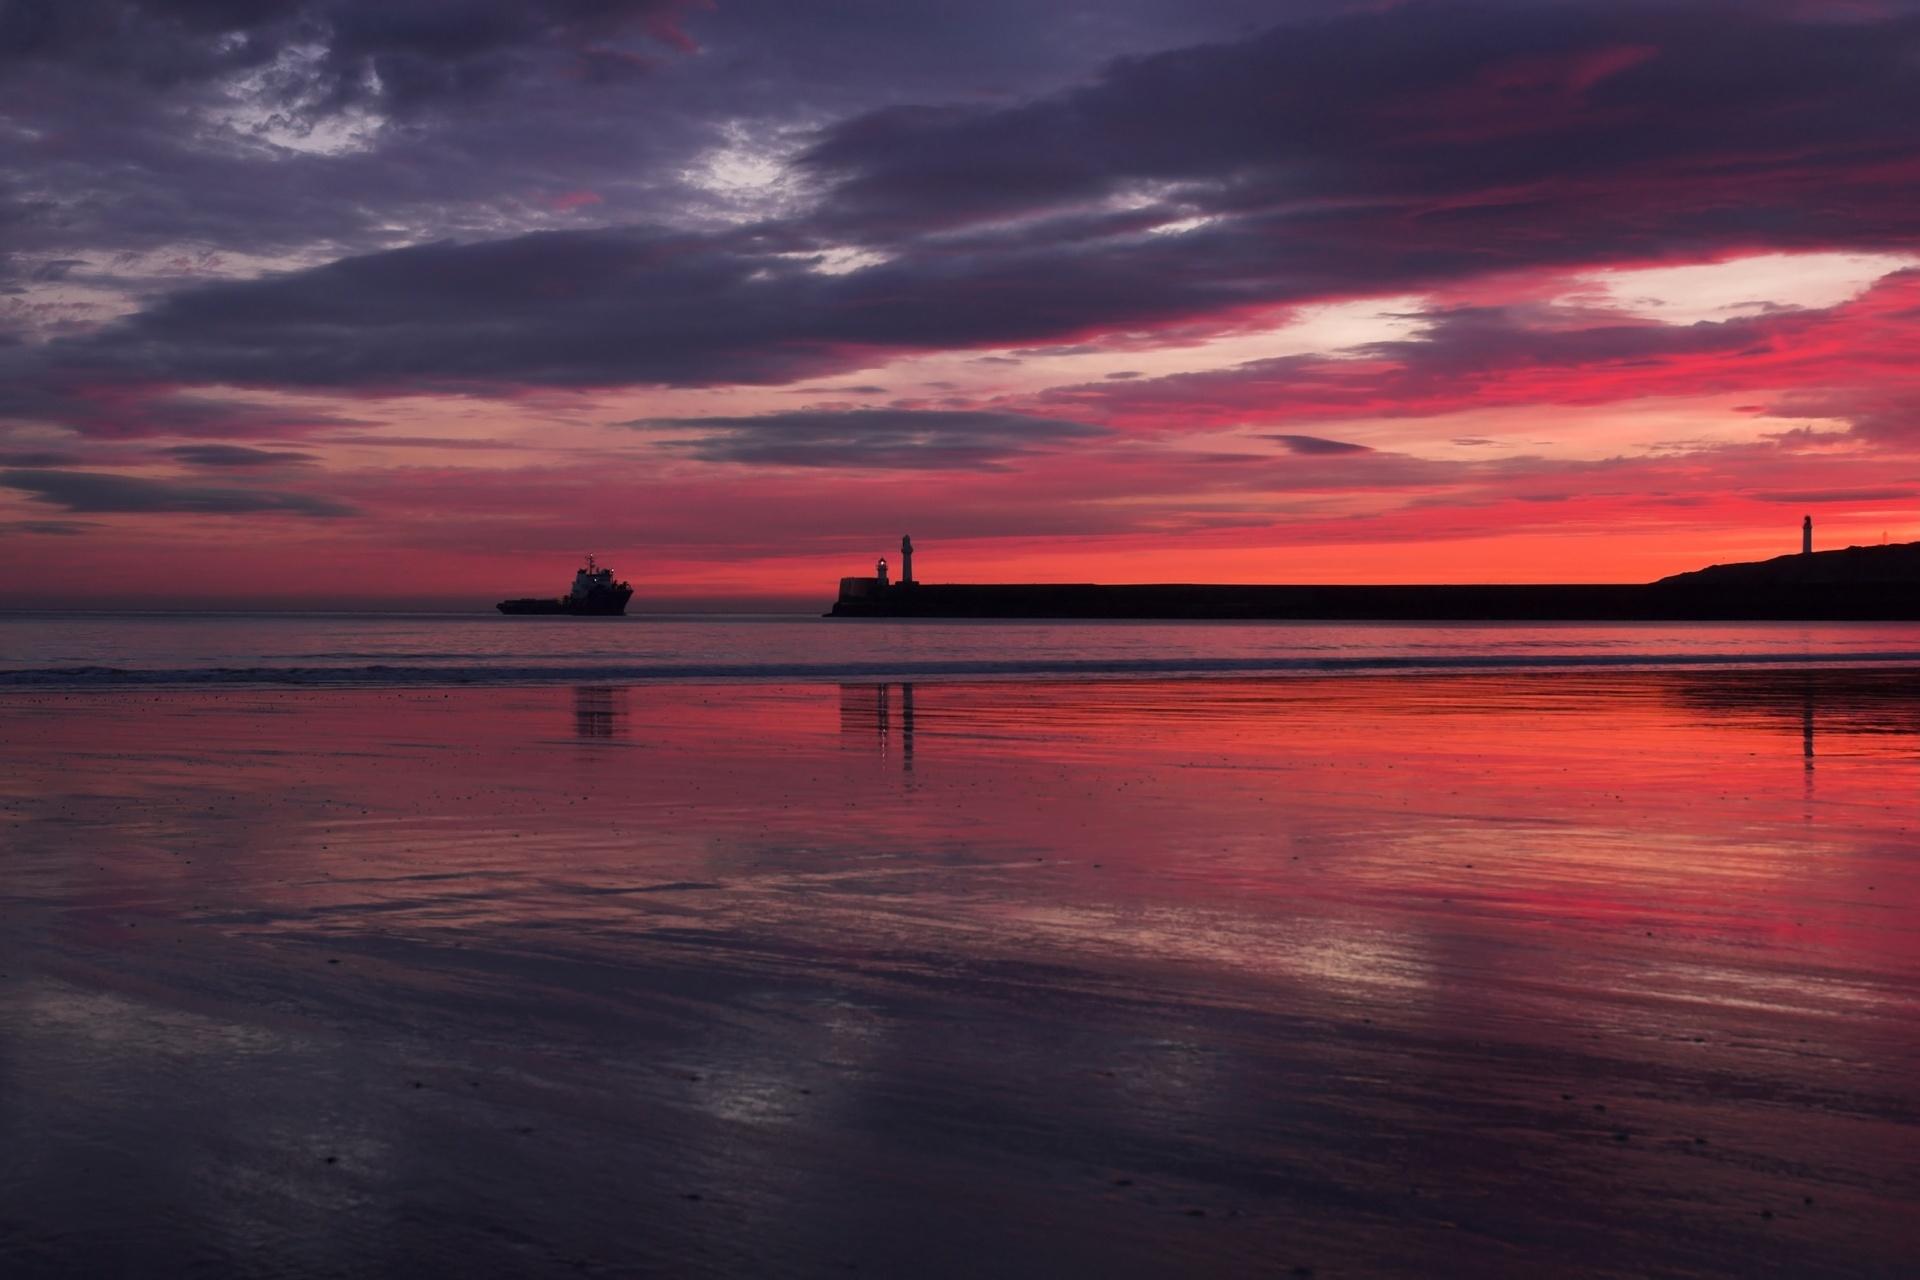 夜明けのアバディーン 浜辺から見る風景 スコットランドの風景